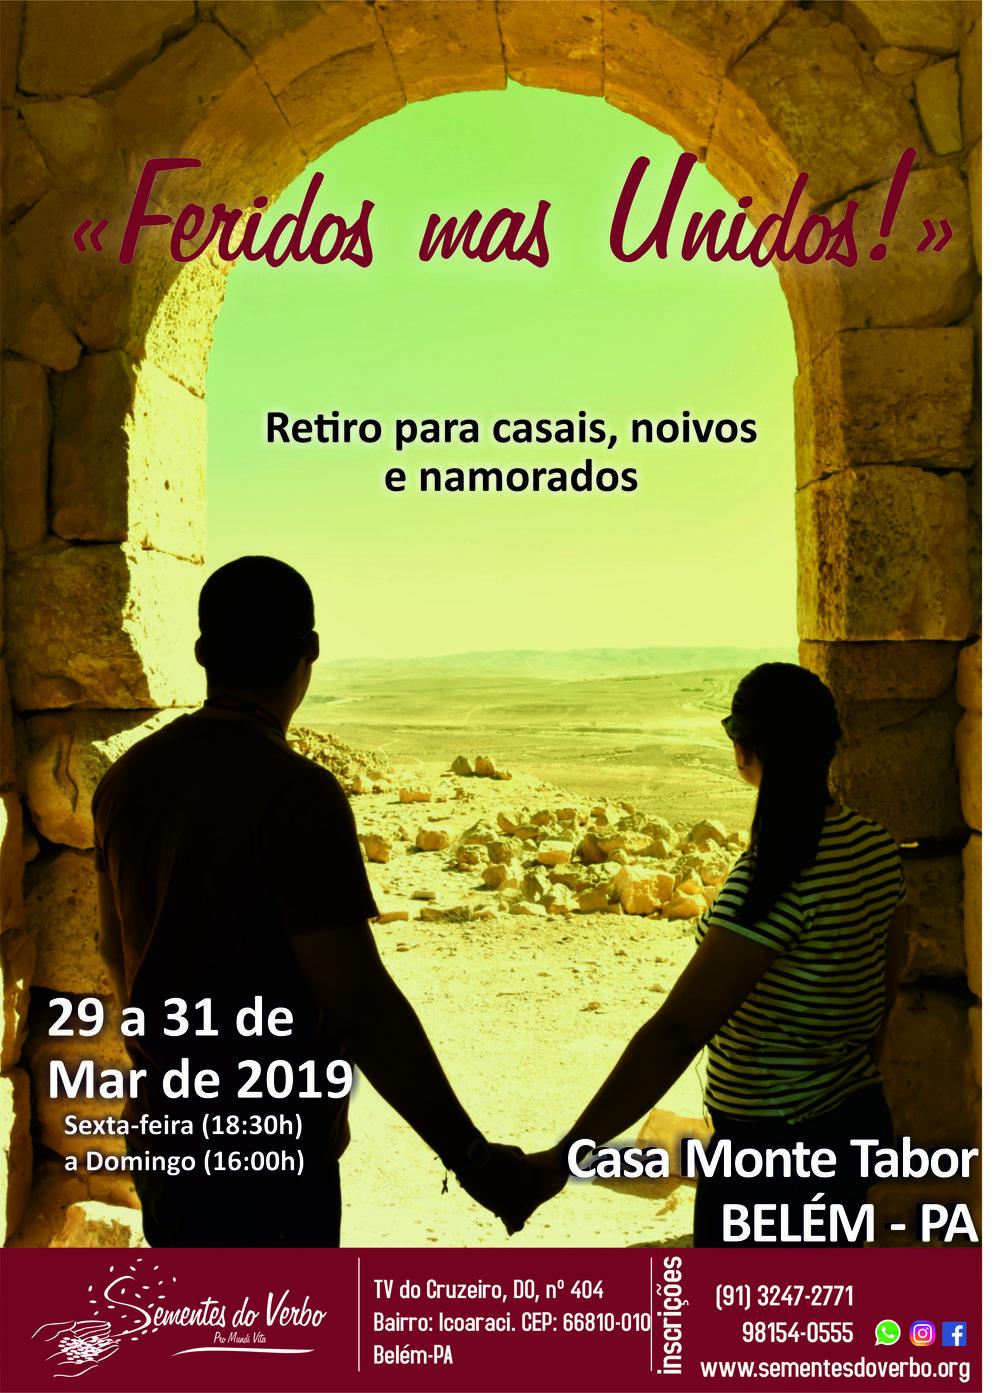 Retiro casais 2019 BELÉM.jpg